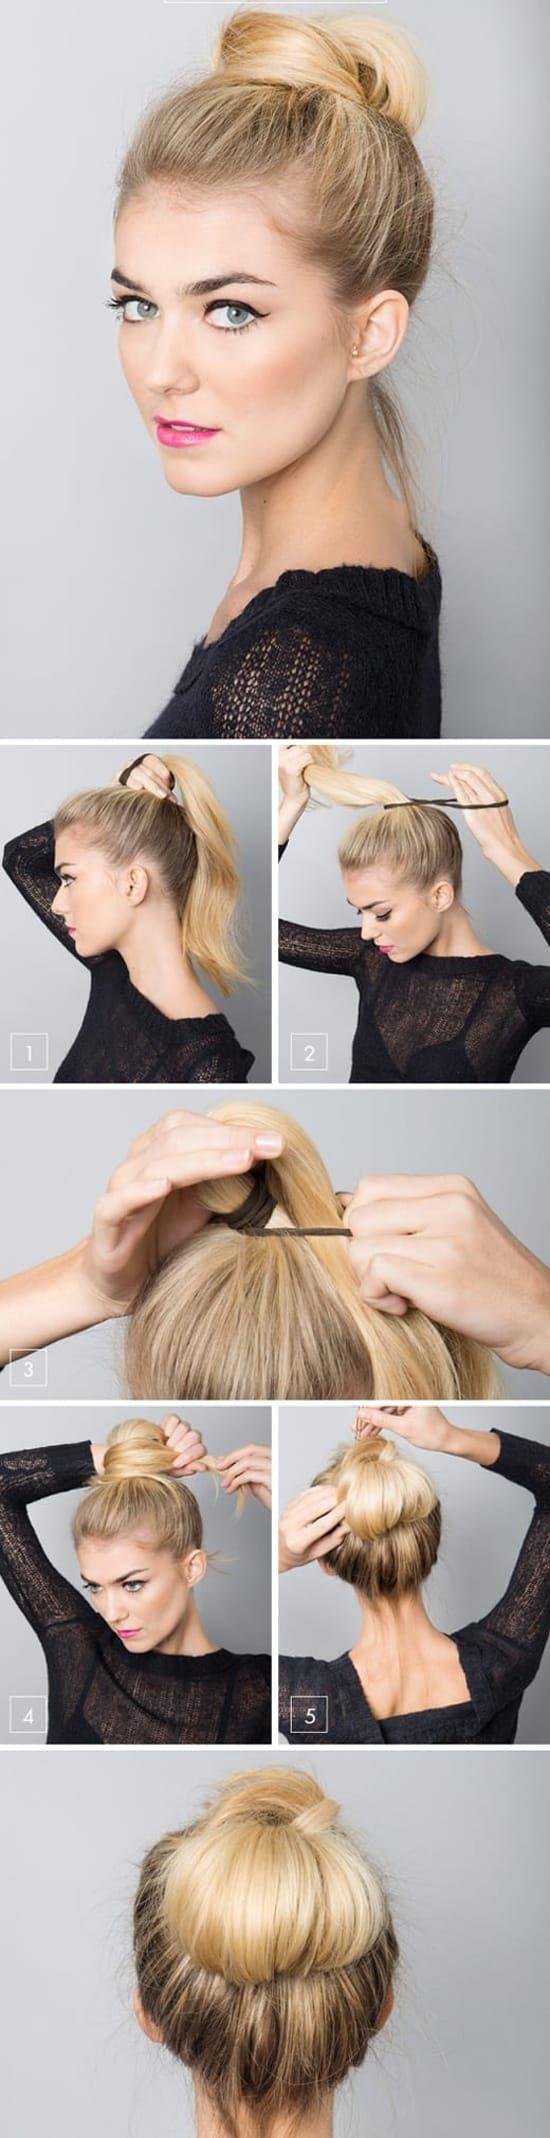 Стильные прически на длинные волосы можно делать своими руками. Это позволяет каждый день создавать новый, красочный и женственный образ.